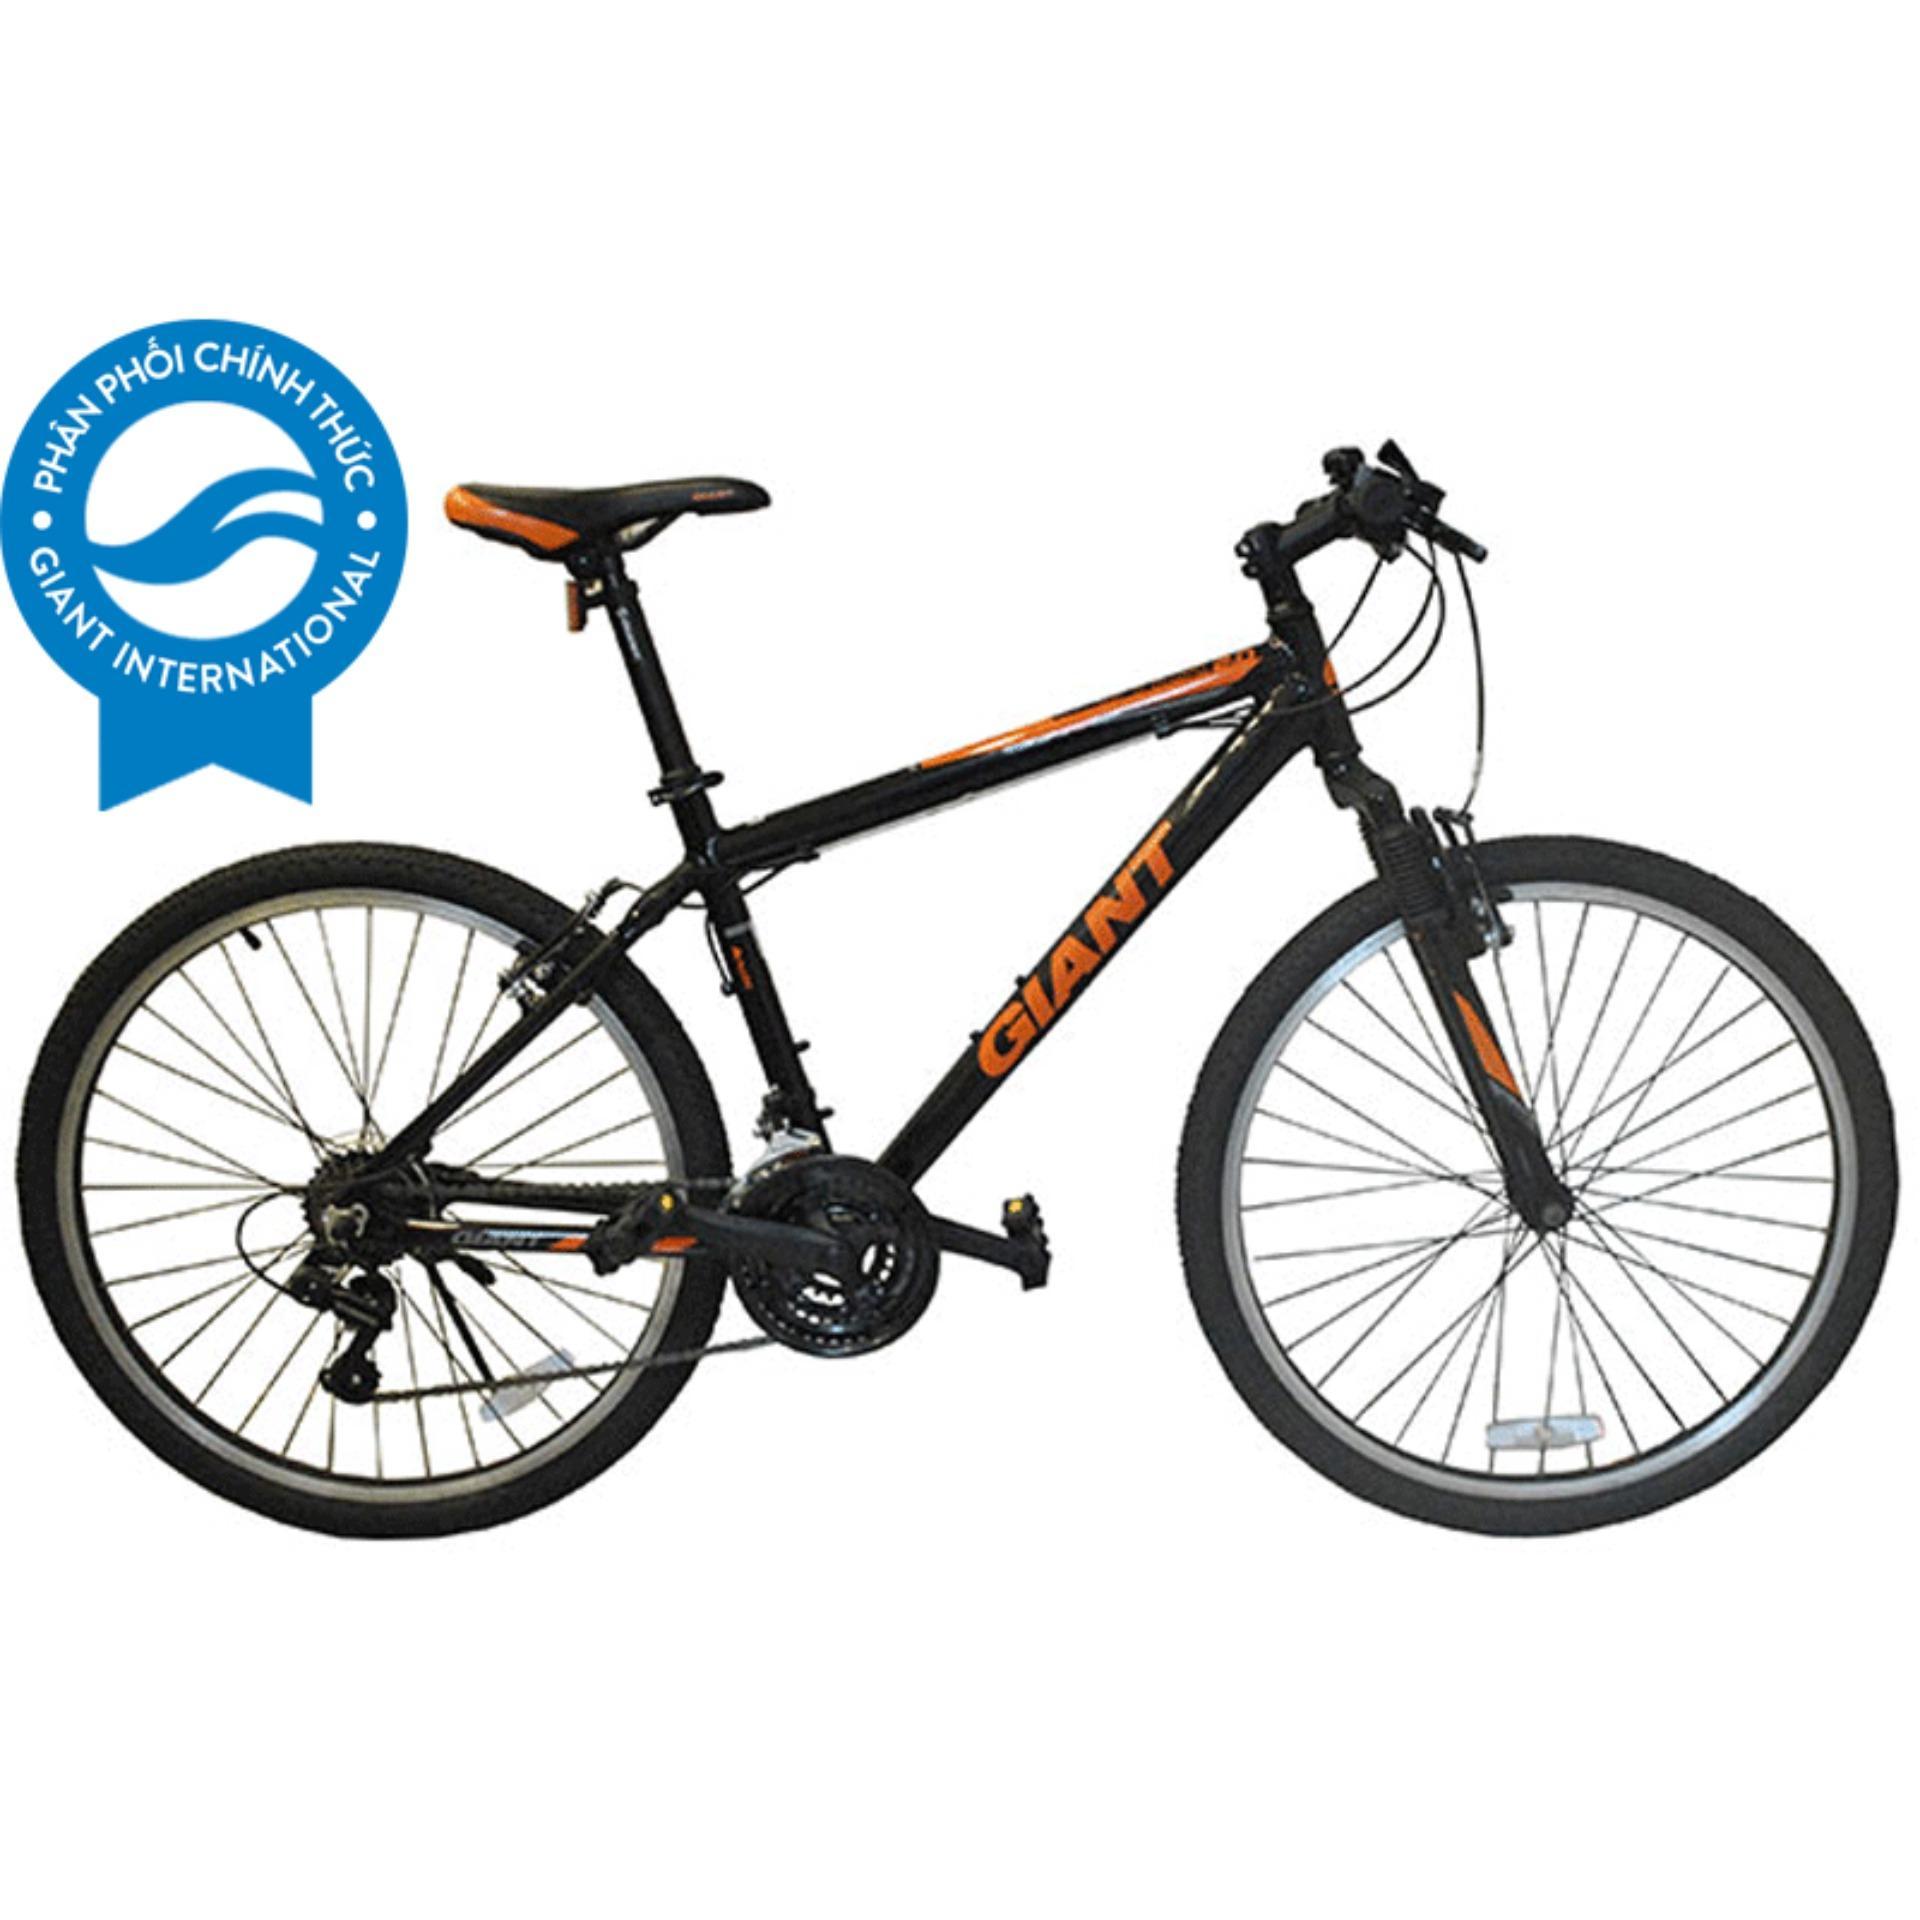 Xe đạp địa hình GIANT OYEA 2.0 Size S (Đen)